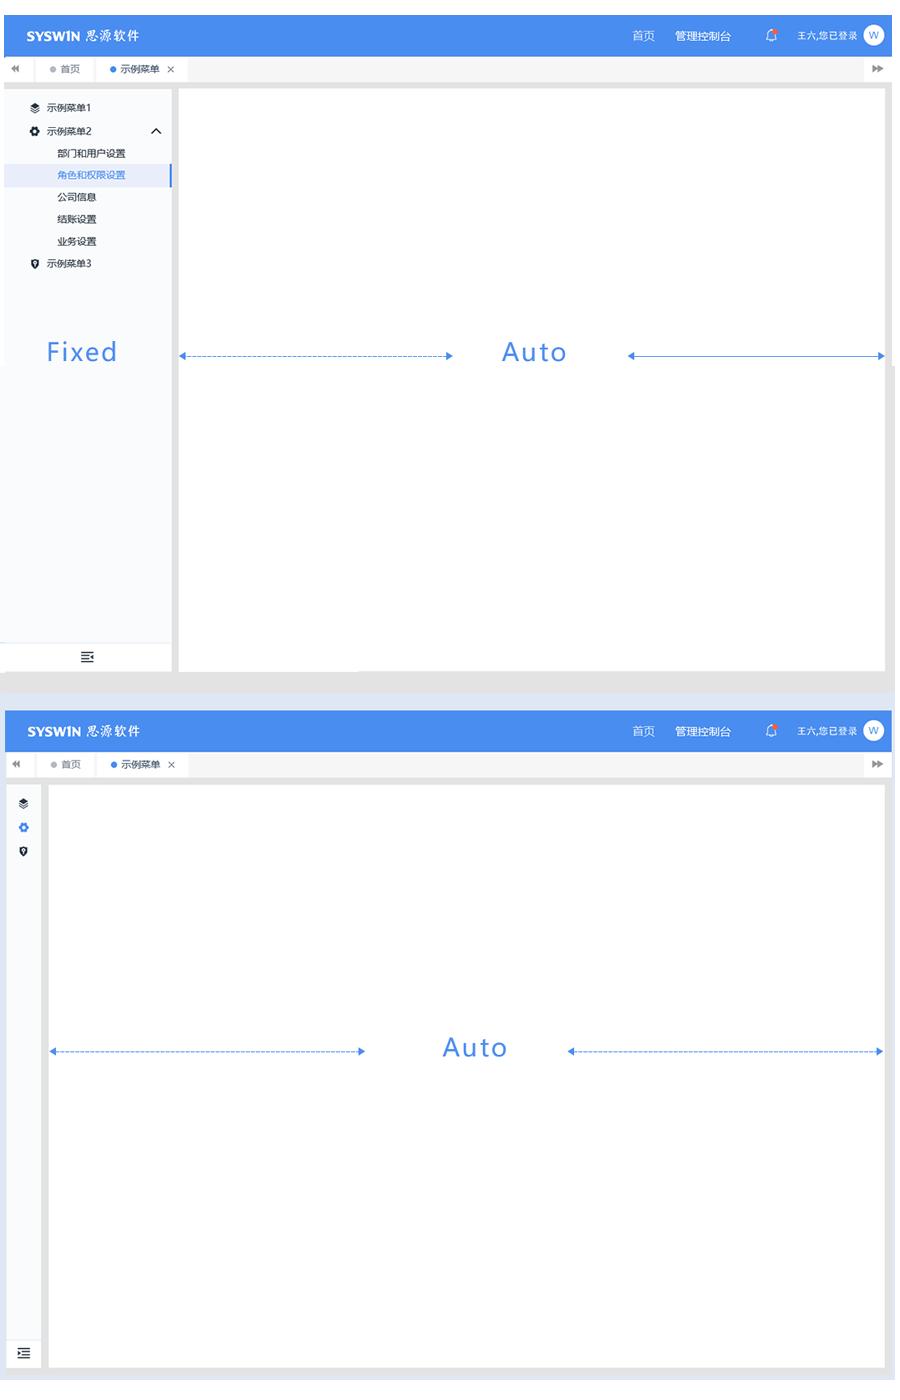 详解如何写后台系统UI设计规范,PS教程,思缘教程网